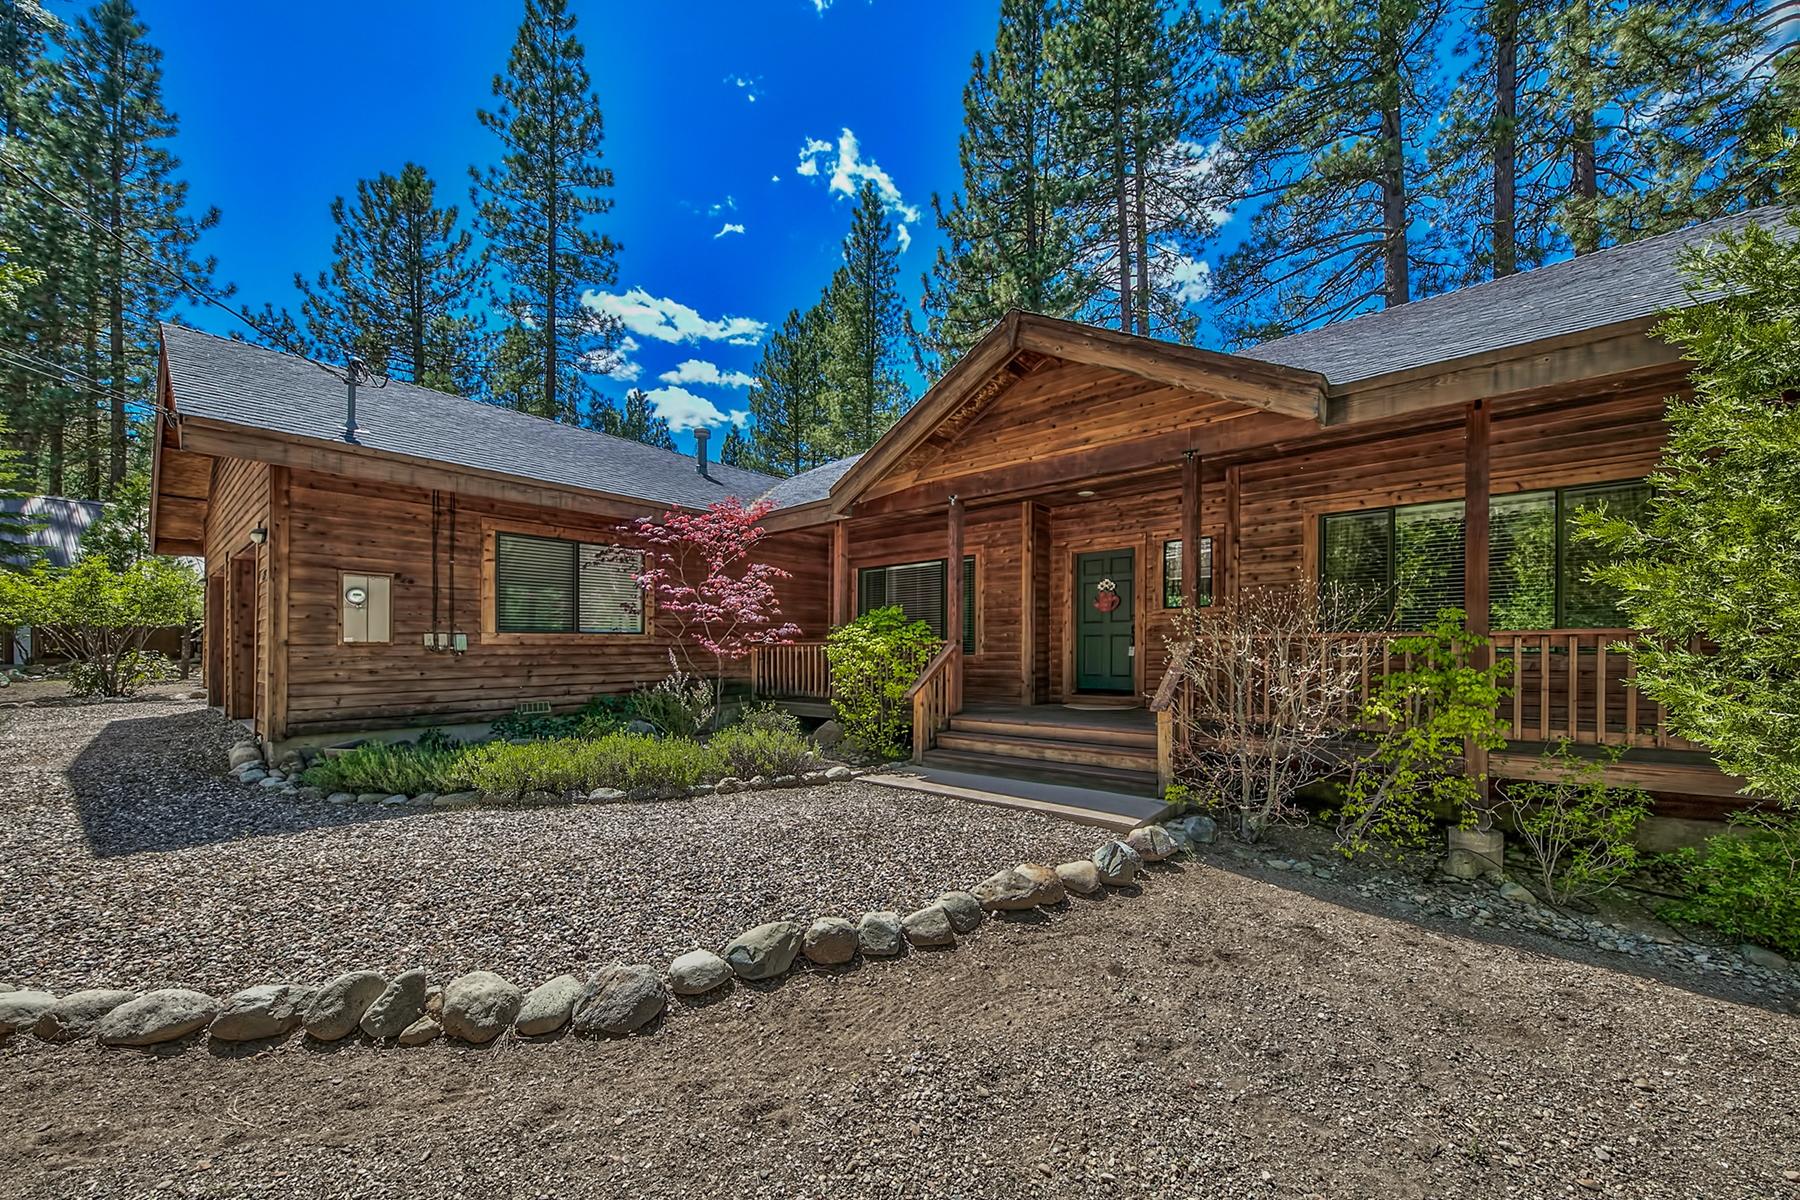 独户住宅 为 销售 在 24 Paiute Trail, Graeagle, CA 24 Paiute Trail Graeagle, 加利福尼亚州 96103 美国